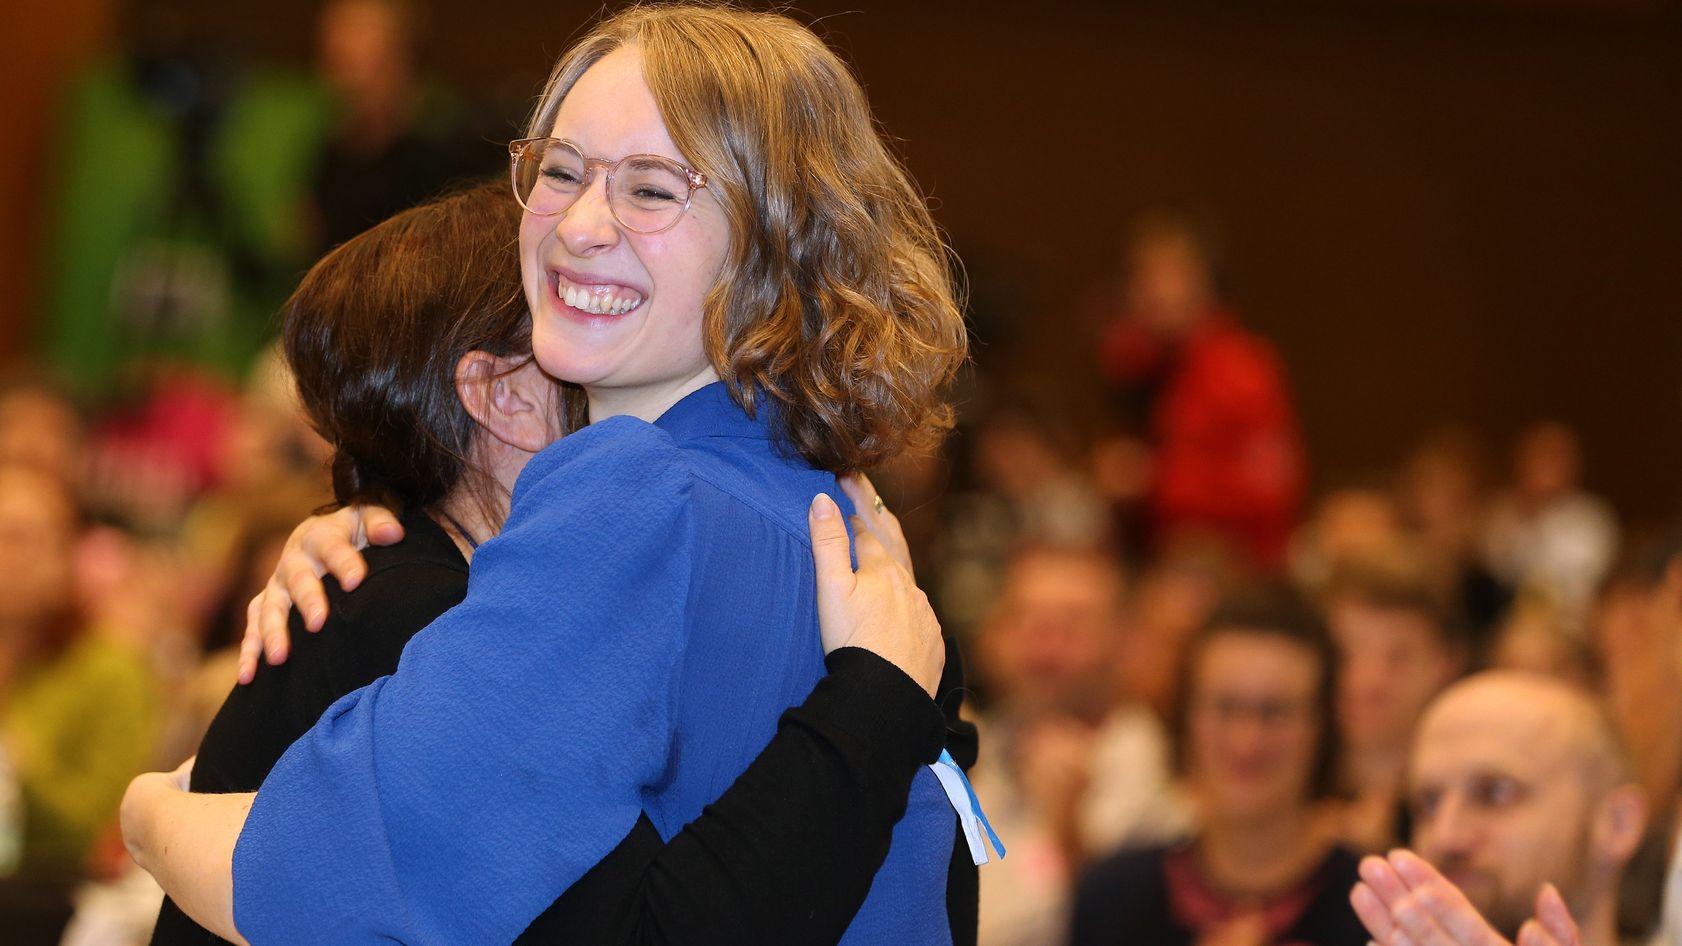 Eva Lettenbauer wird nach erfolgreicher Wahl umarmt.